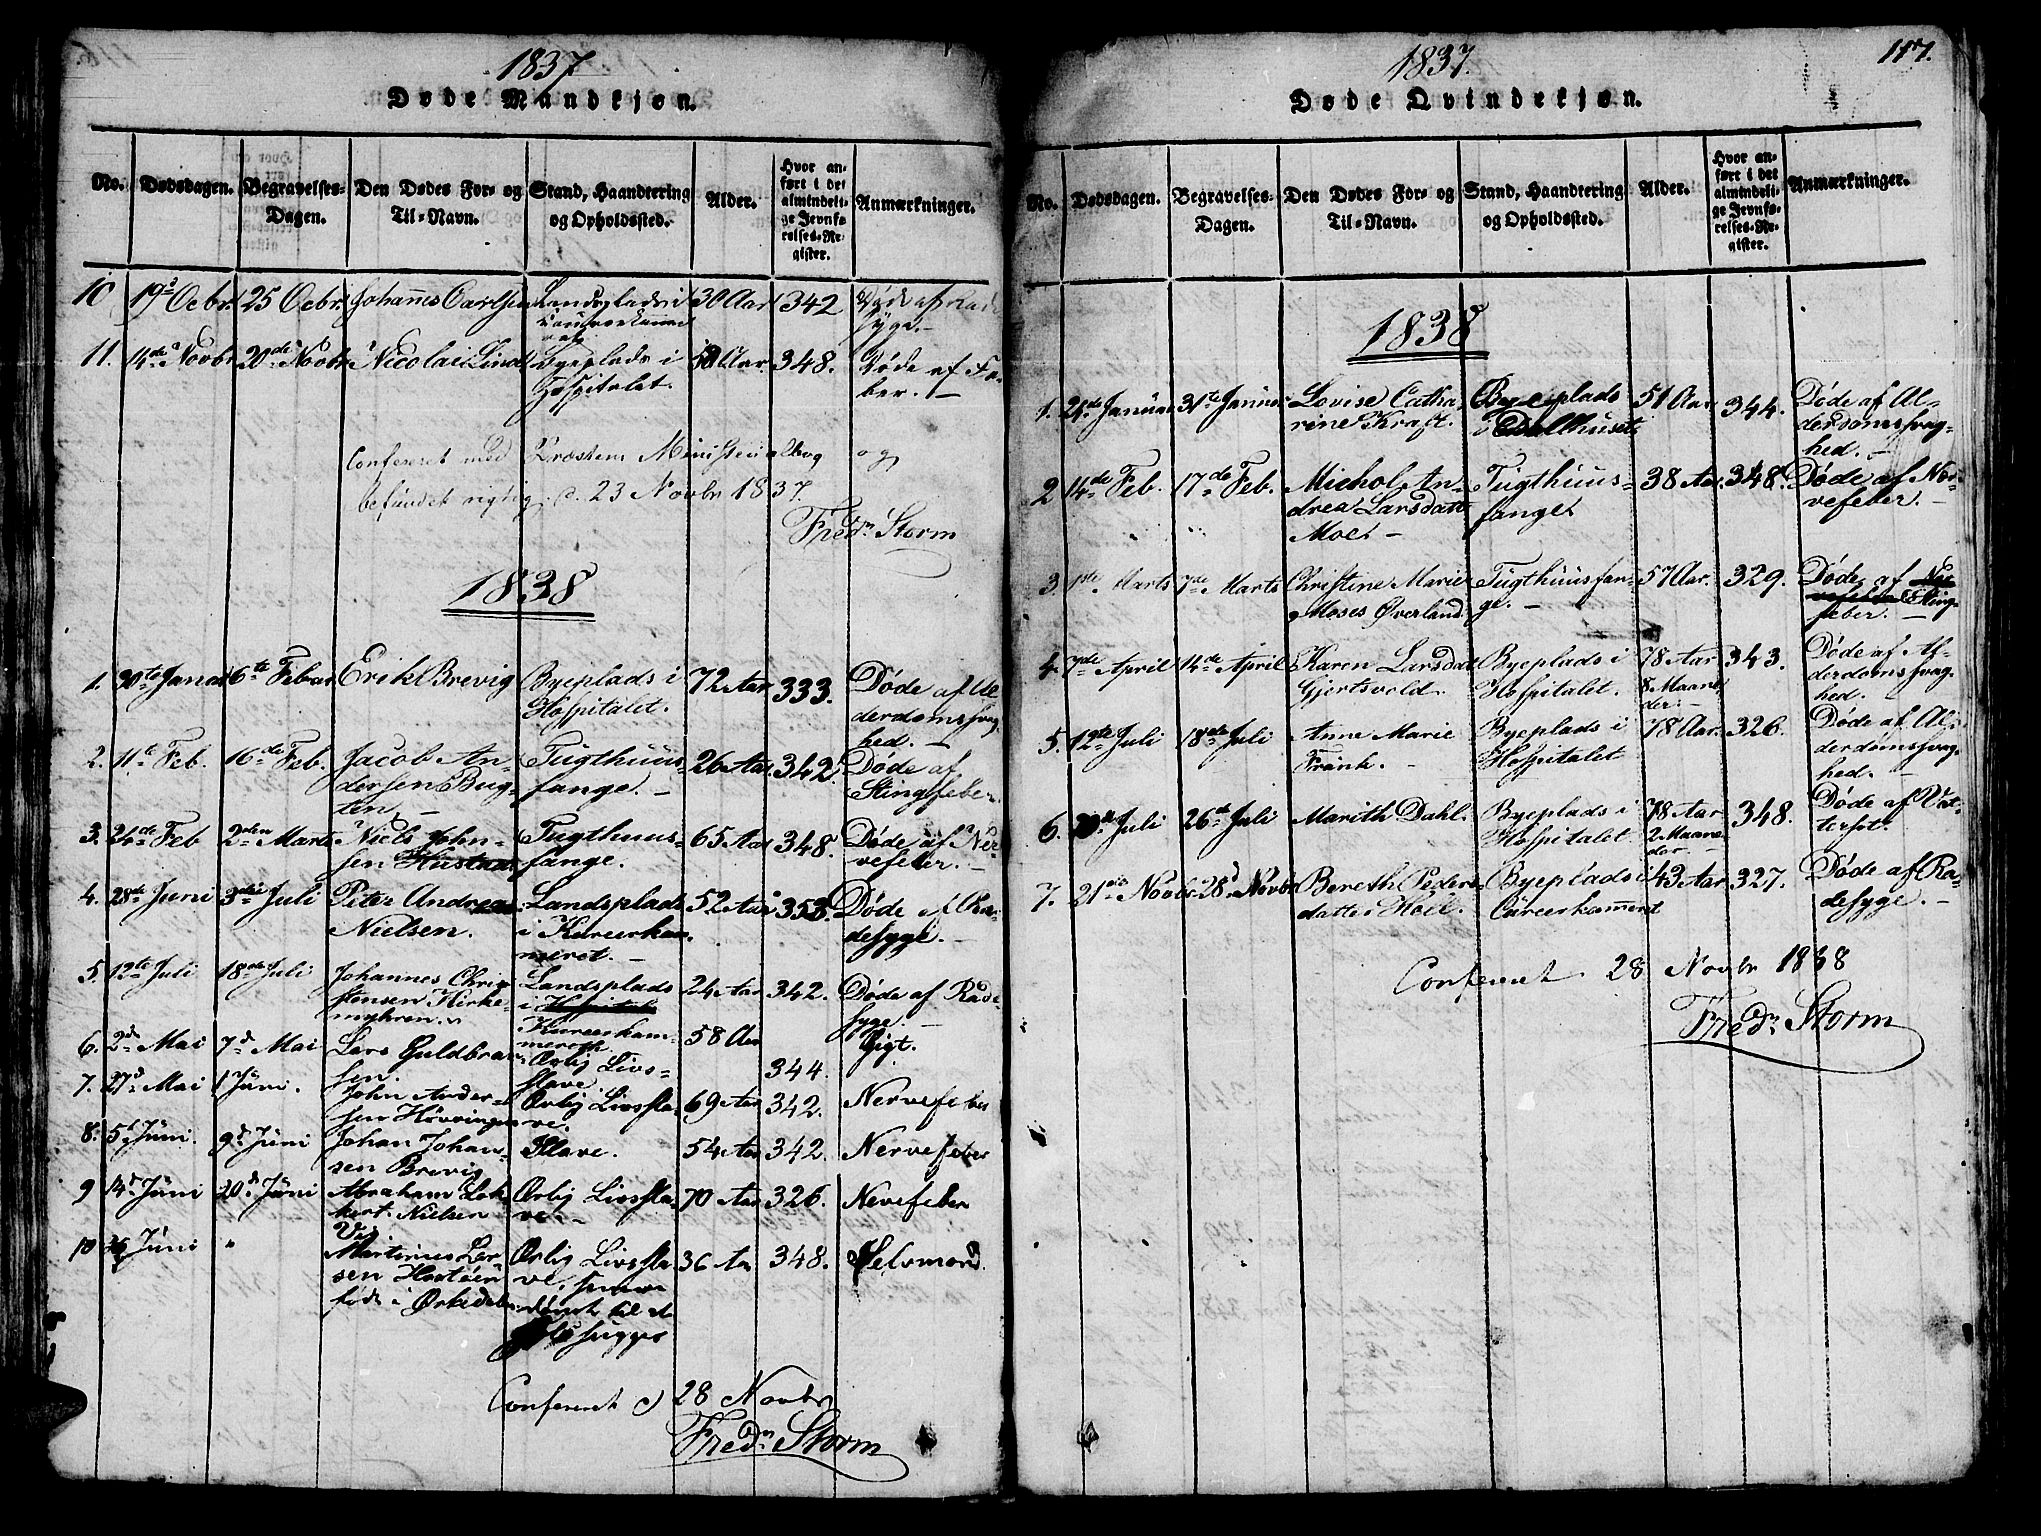 SAT, Ministerialprotokoller, klokkerbøker og fødselsregistre - Sør-Trøndelag, 623/L0478: Klokkerbok nr. 623C01, 1815-1873, s. 117